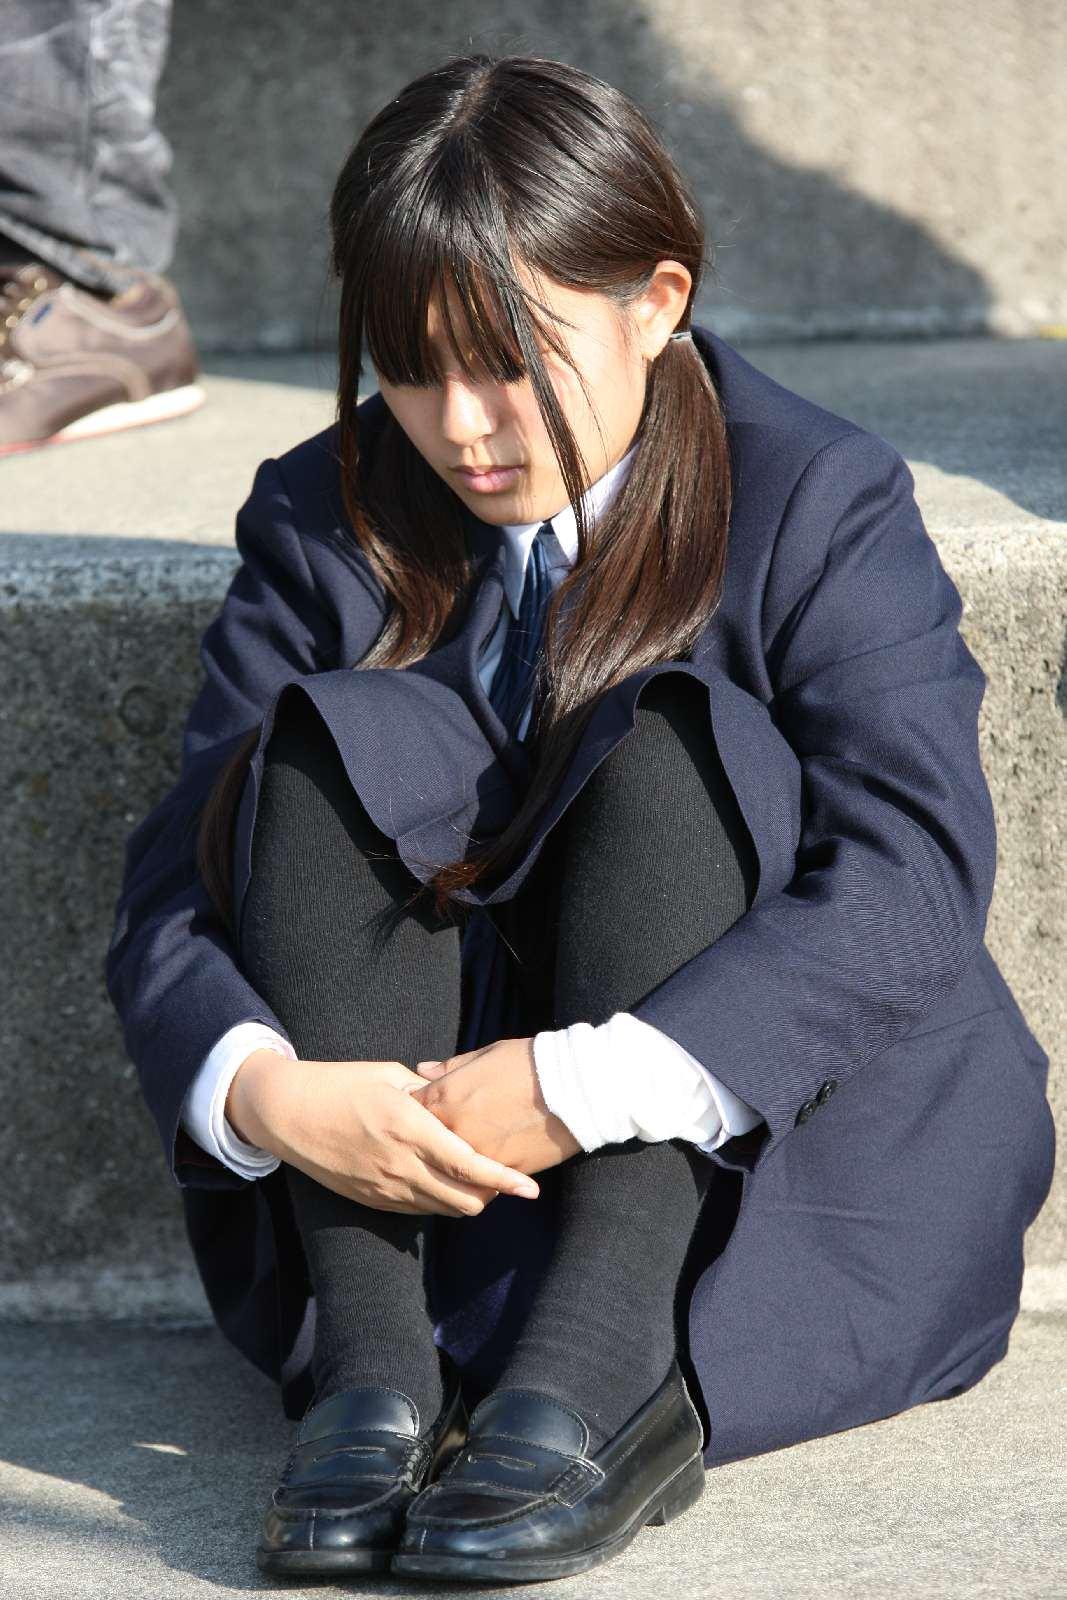 季節の変わり目にJKの制服姿が変化する街撮り画像wwwwwww Uj1MwXl